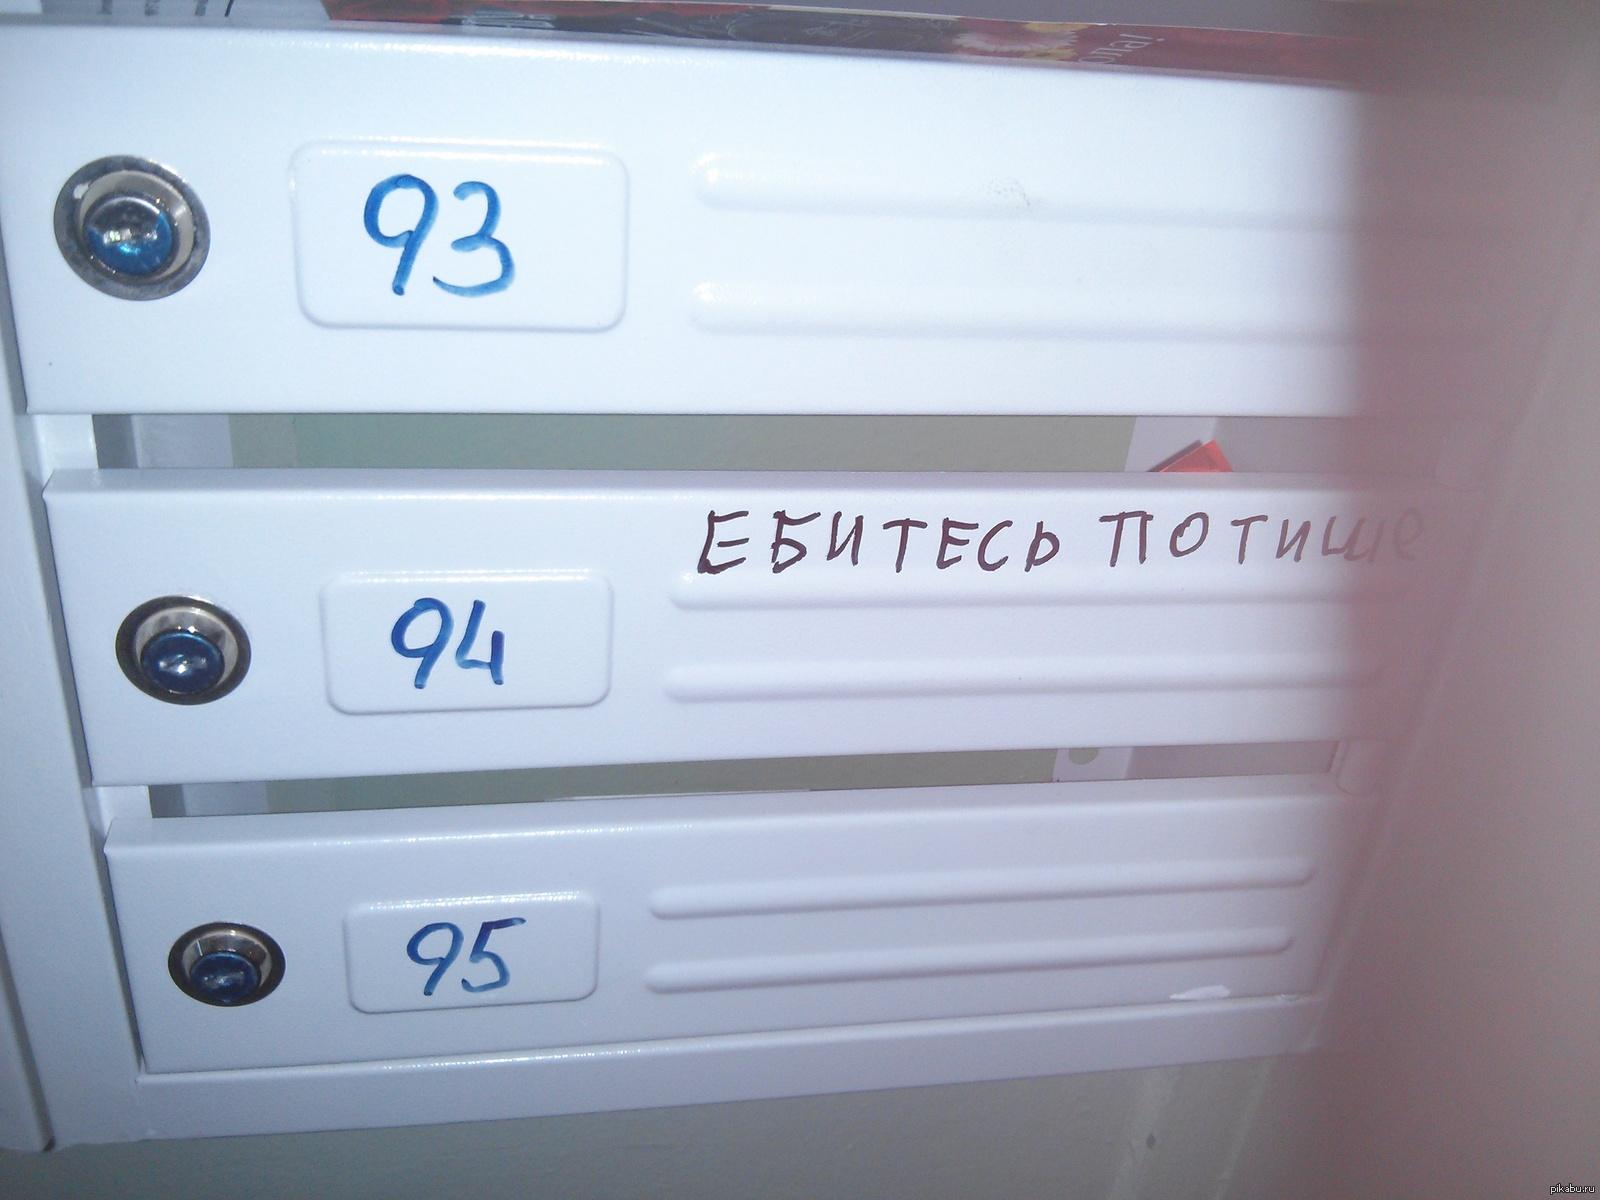 skachat-nayti-vihod-ebites-potishe